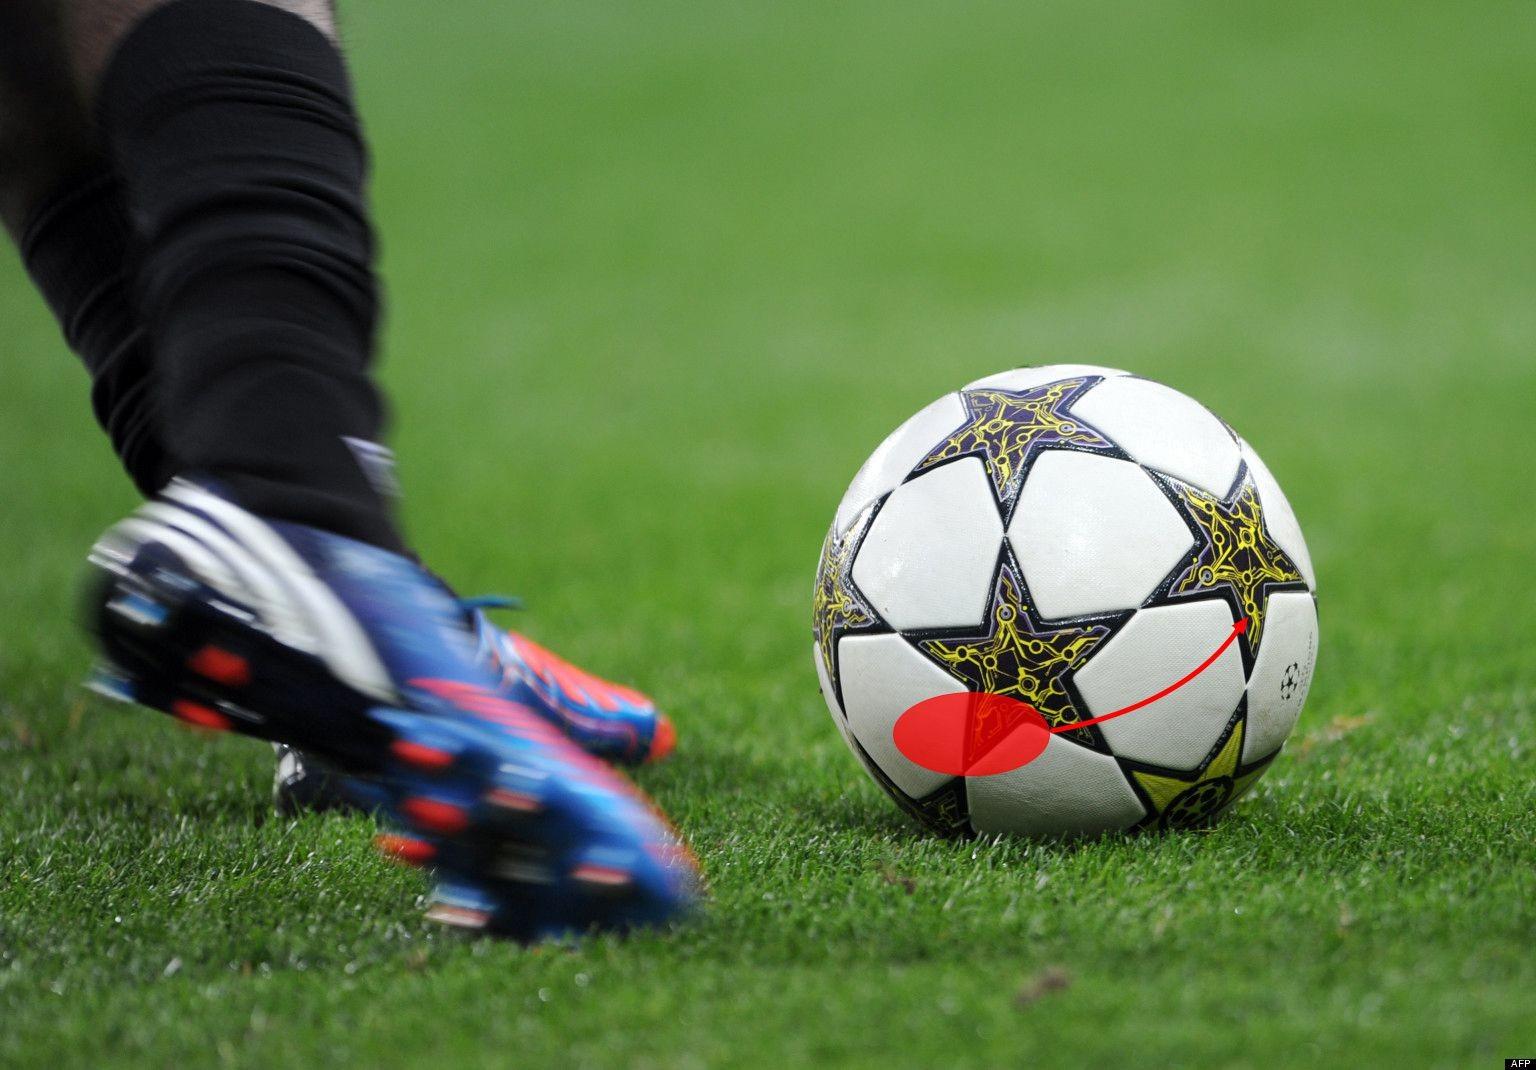 足球教学:弧线球技巧精析精讲 - 足球视频|足球